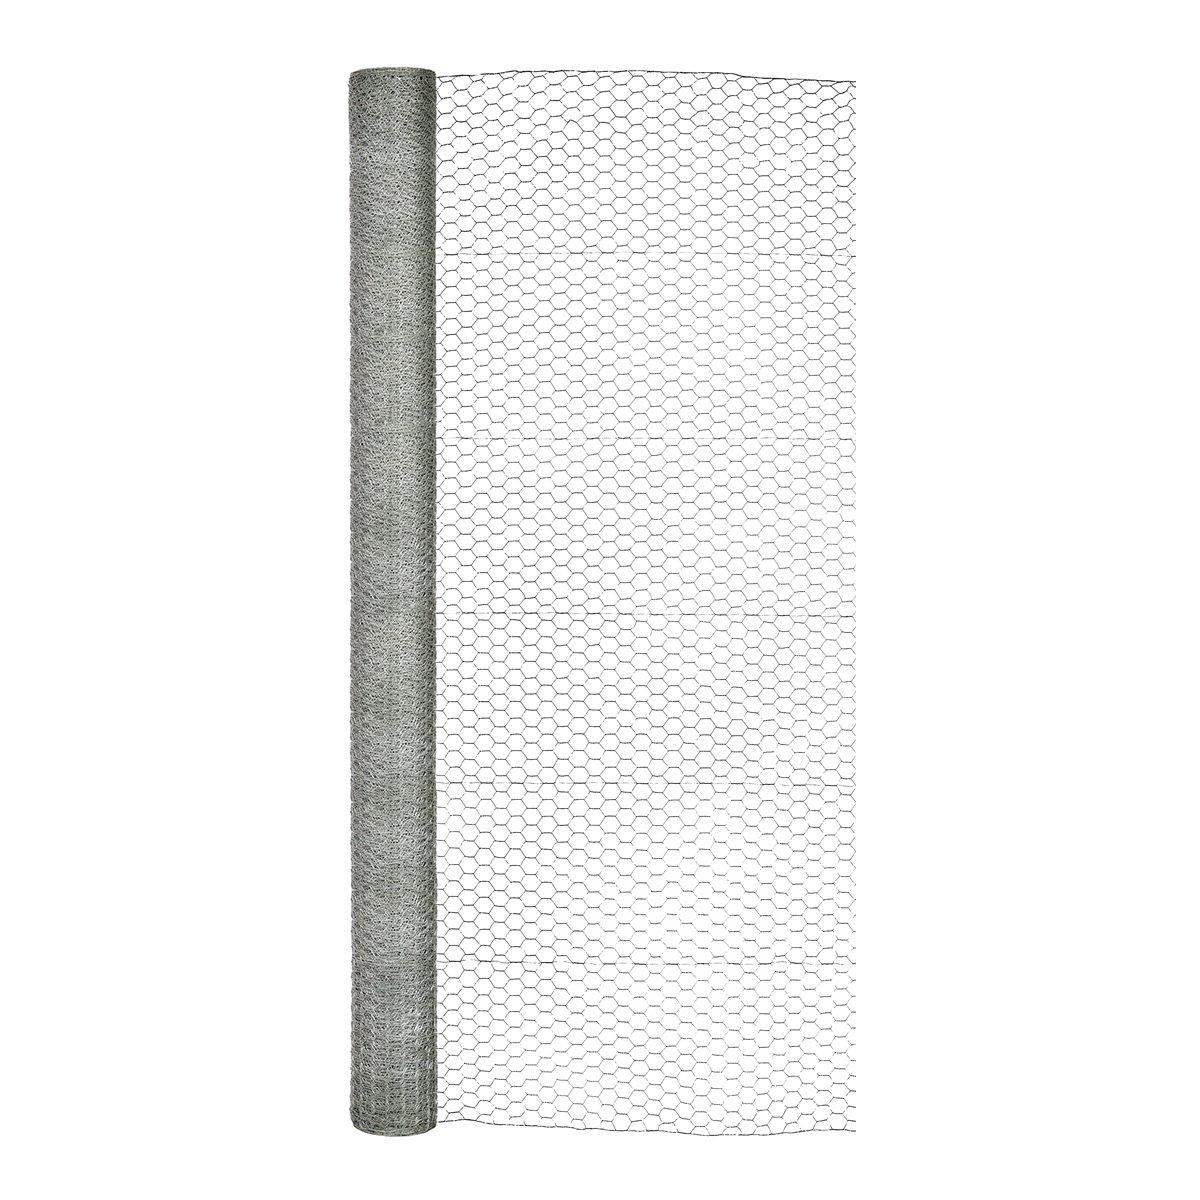 Garden Zone 72x150 1-Inch Galvanized Hex Netting